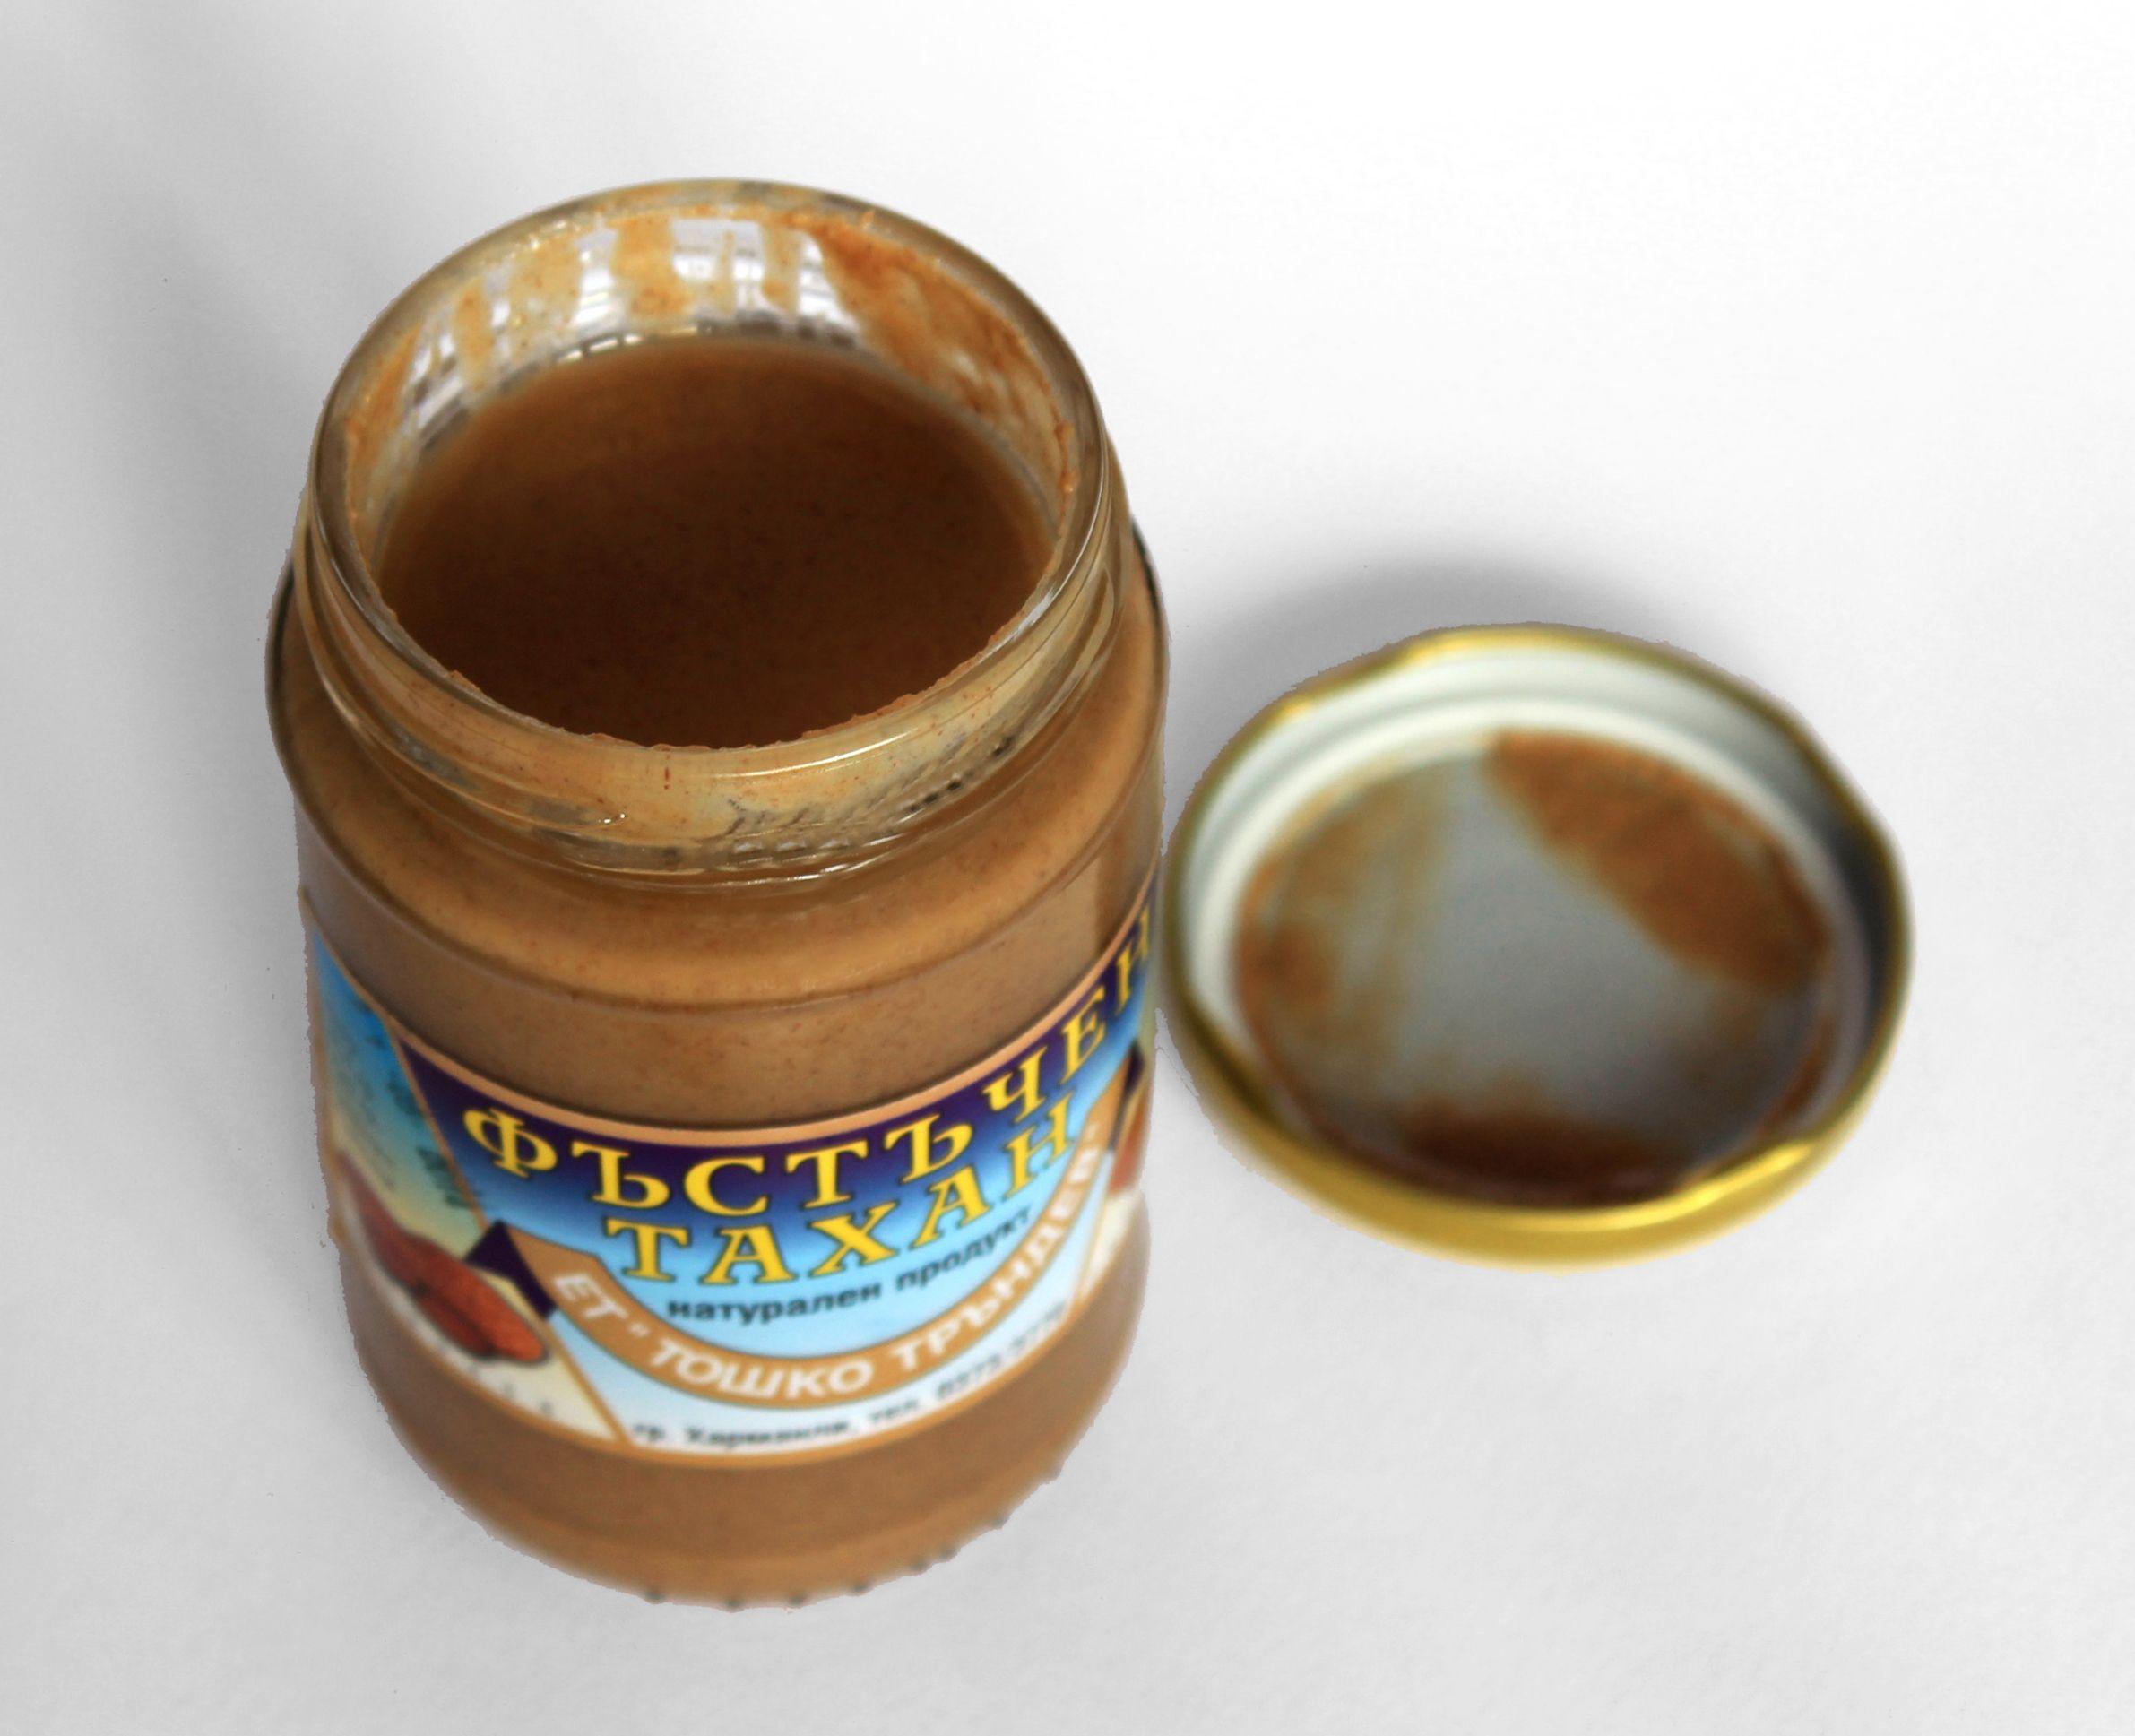 Bulgarian raw peanut tahini